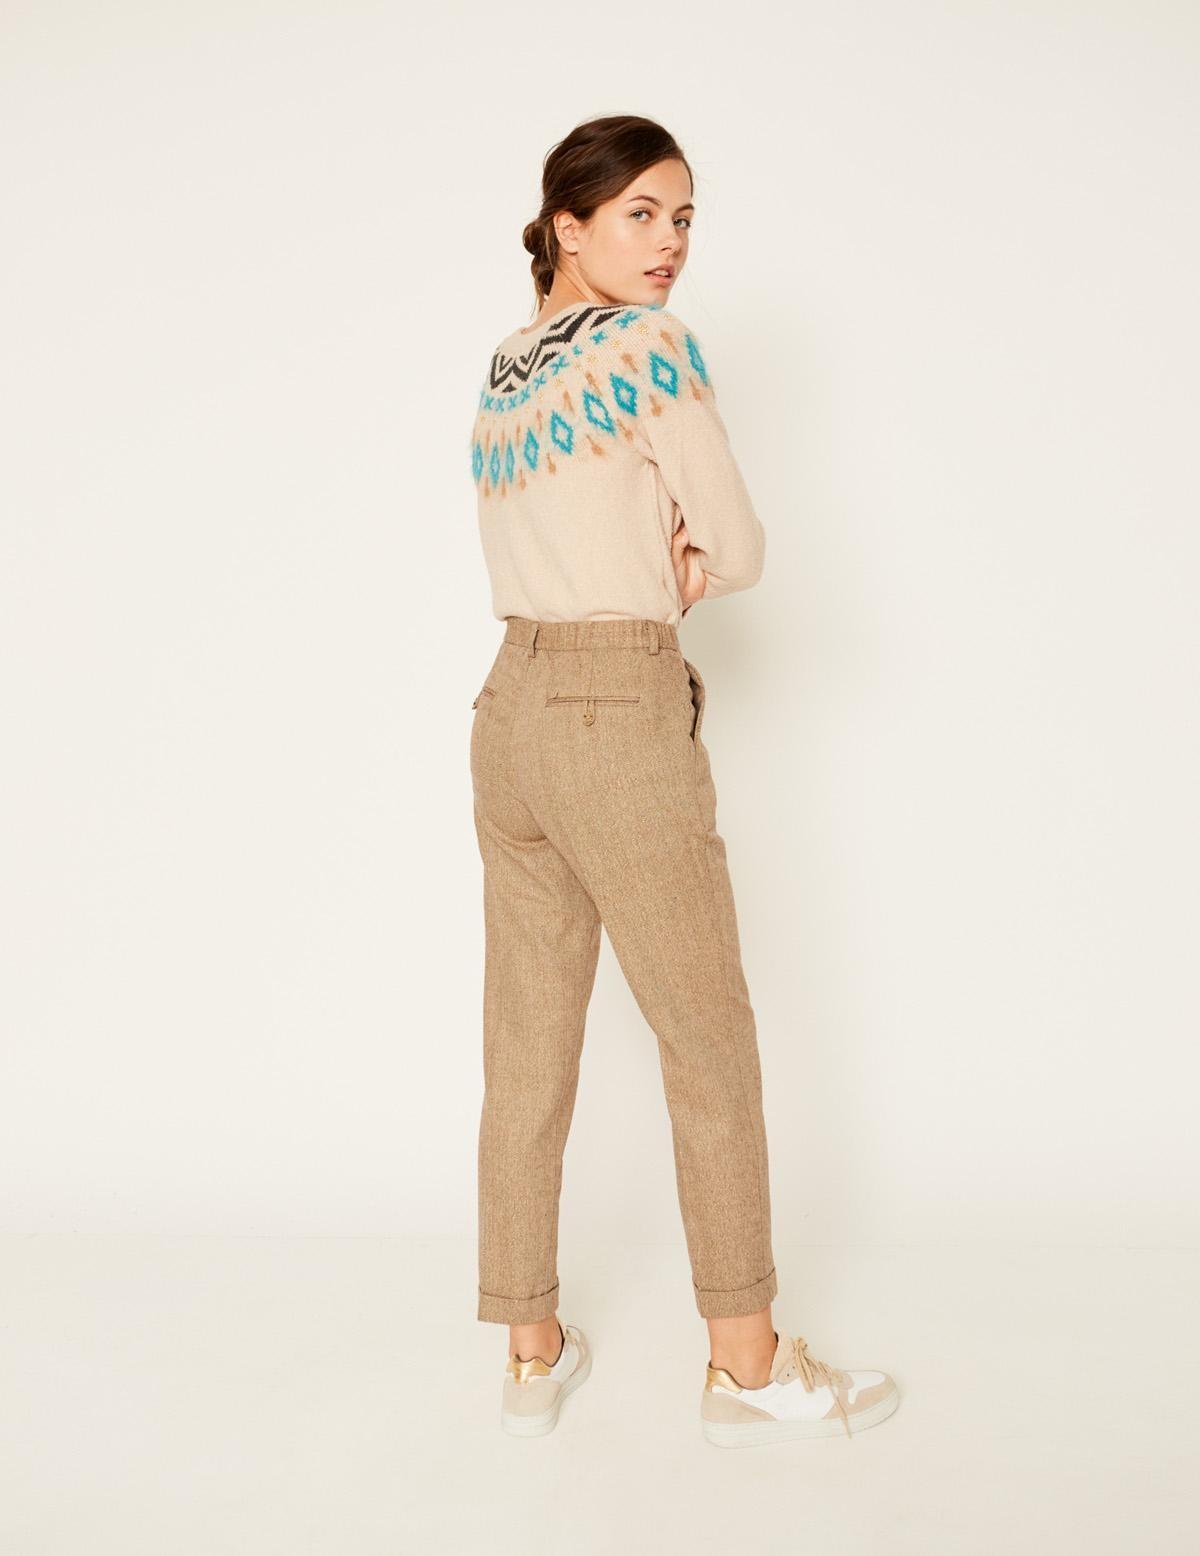 Pantalón chino - Ítem2